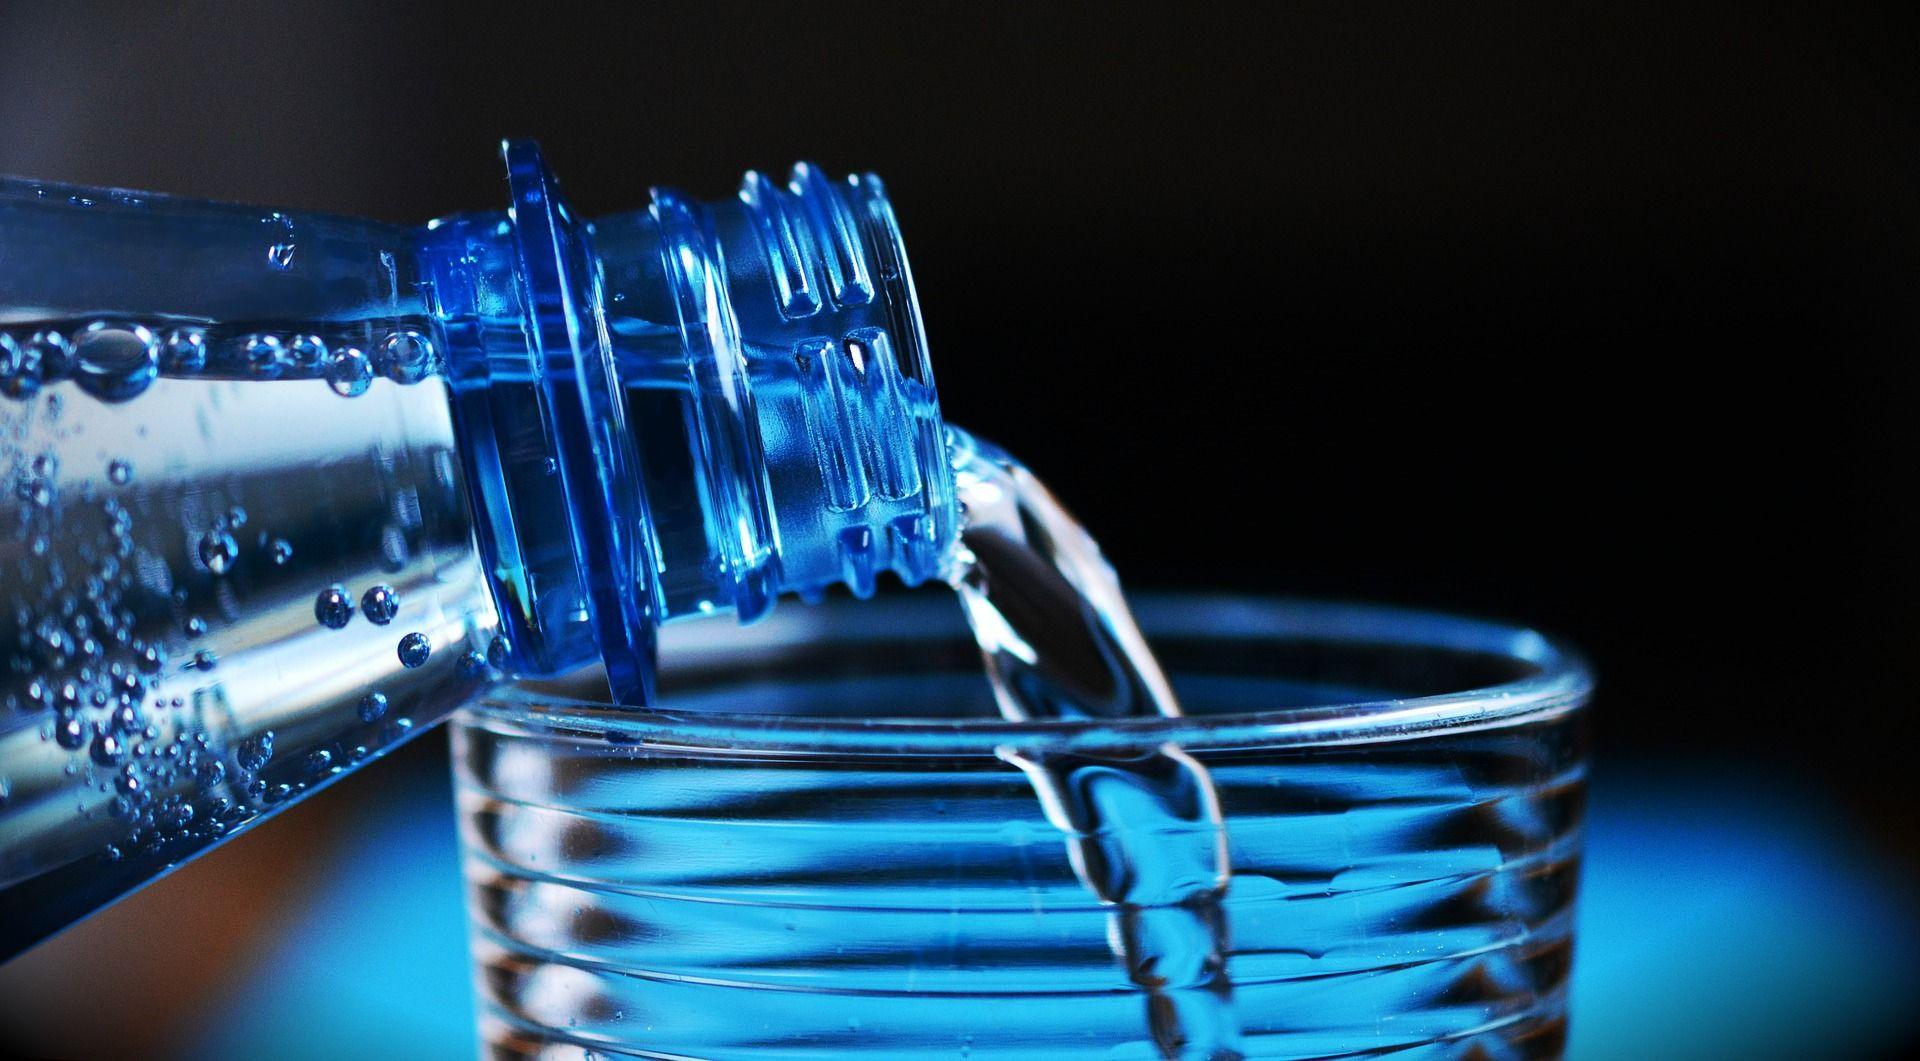 Botella vertiendo agua en un vaso